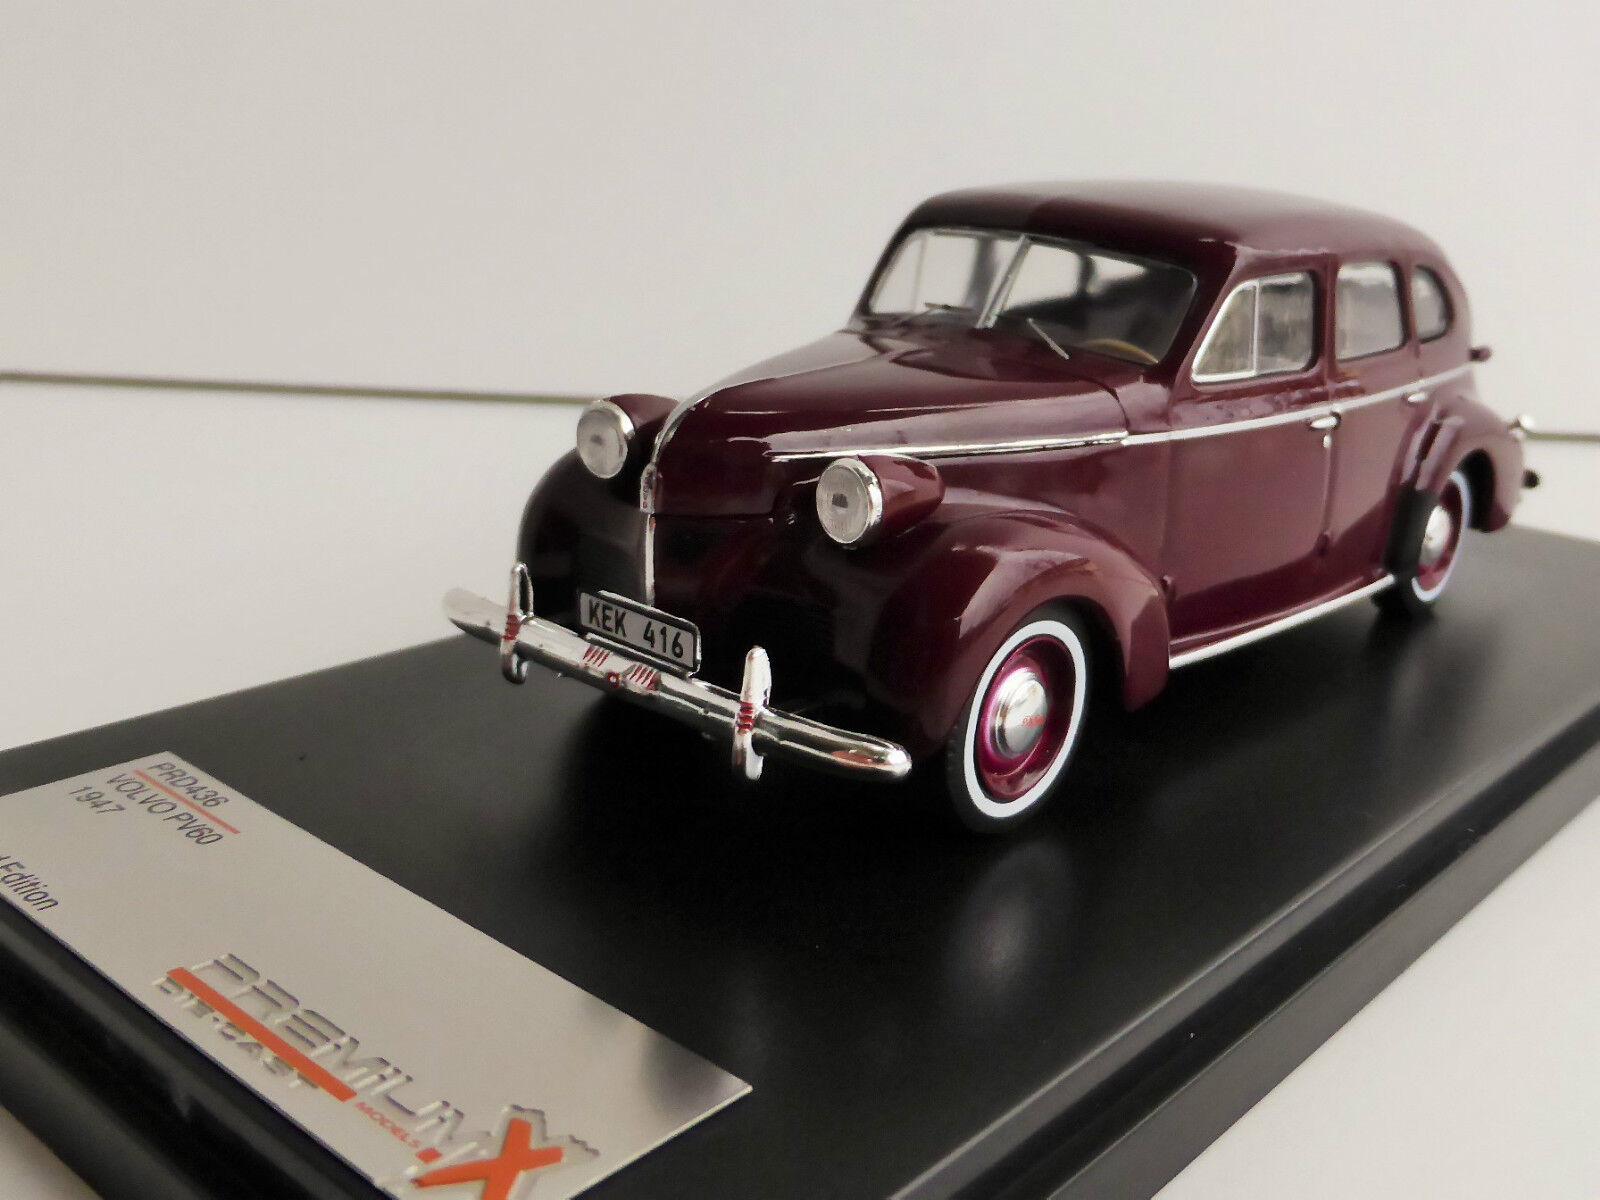 descuento de ventas Volvo Pv60 1947 1 43 Ixo Premiumx Prd436 Limitado Edición Edición Edición Prd 436 PV 60 Maroon  Todo en alta calidad y bajo precio.